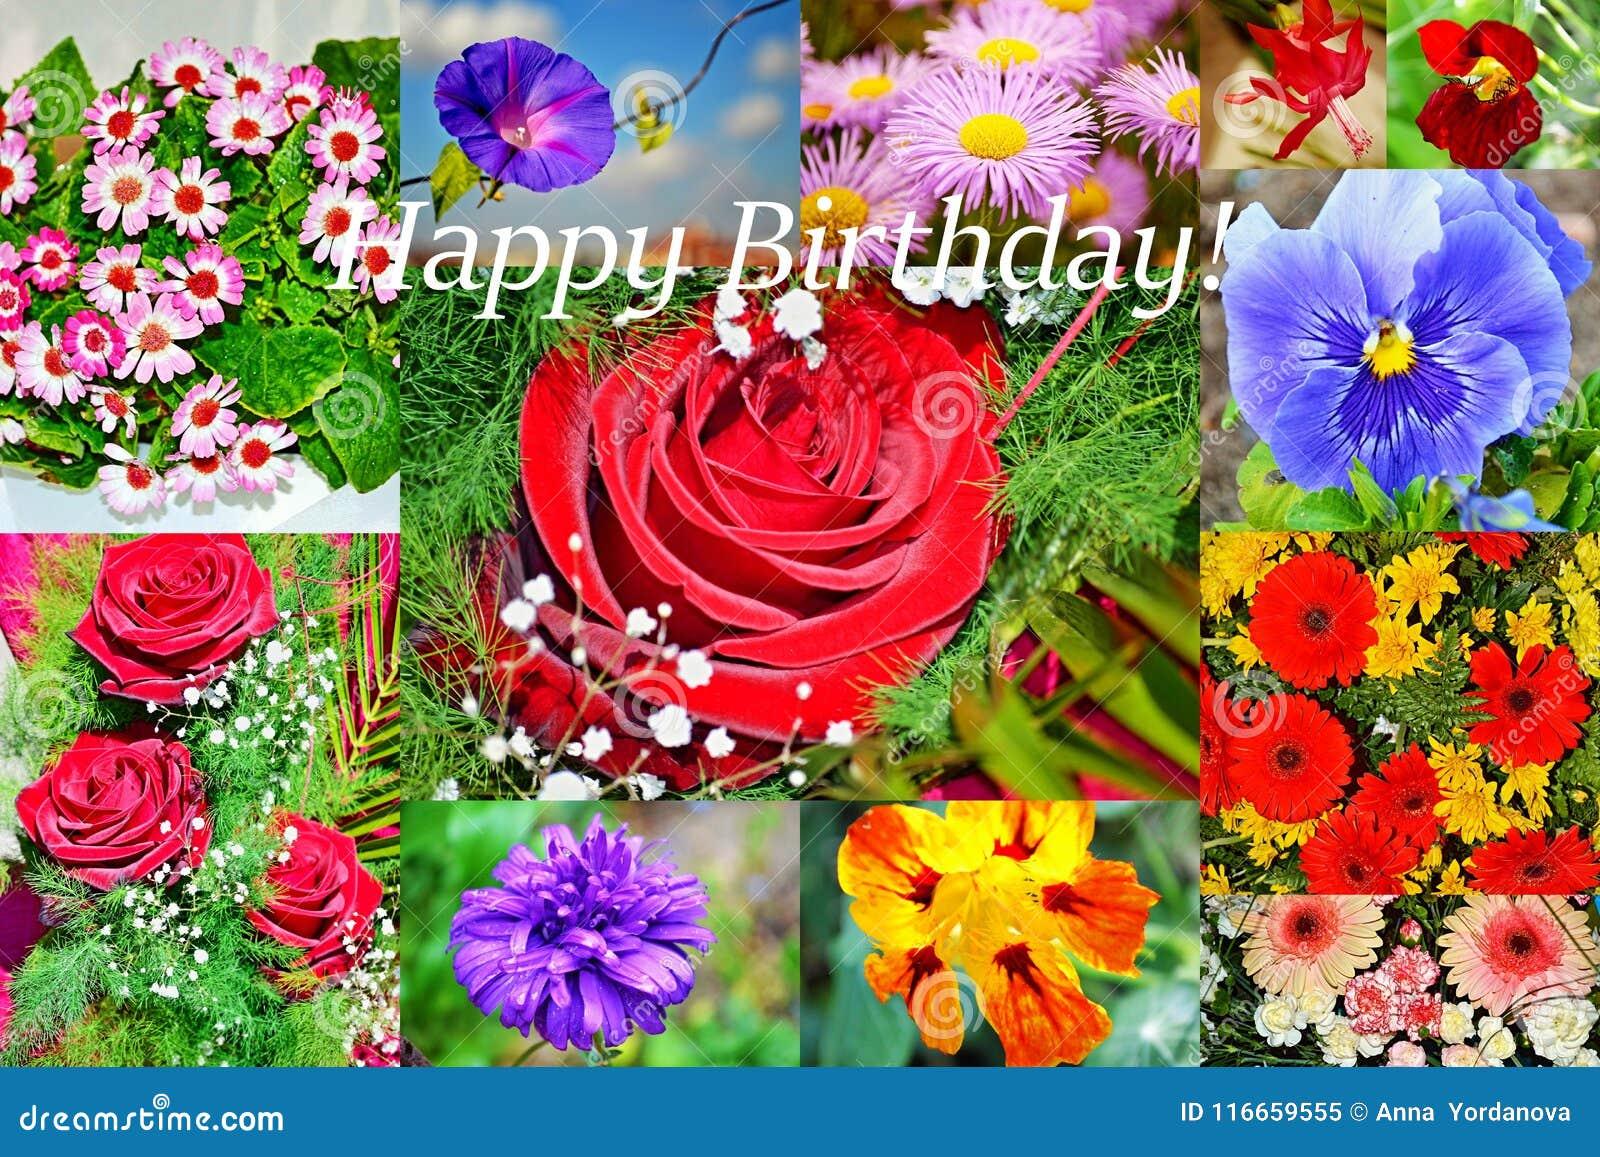 Verjaardag Bloemen Afbeelding.Gelukkige De Collageprentbriefkaar Van Verjaardagsbloemen